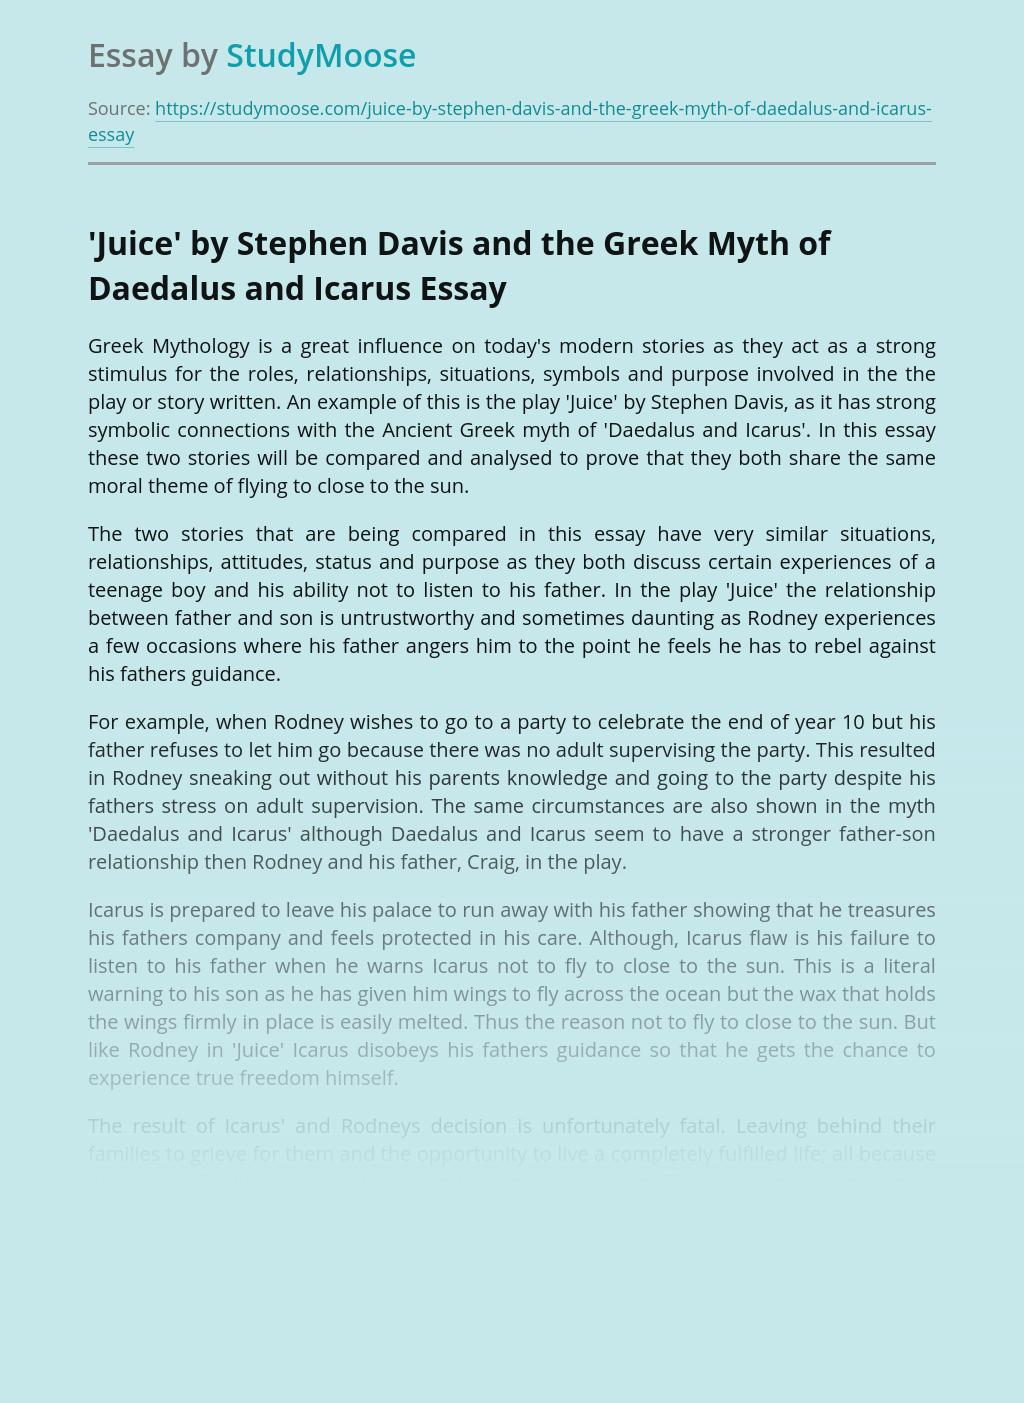 Influence of Greek Mythology on Juice by Stephen Davis